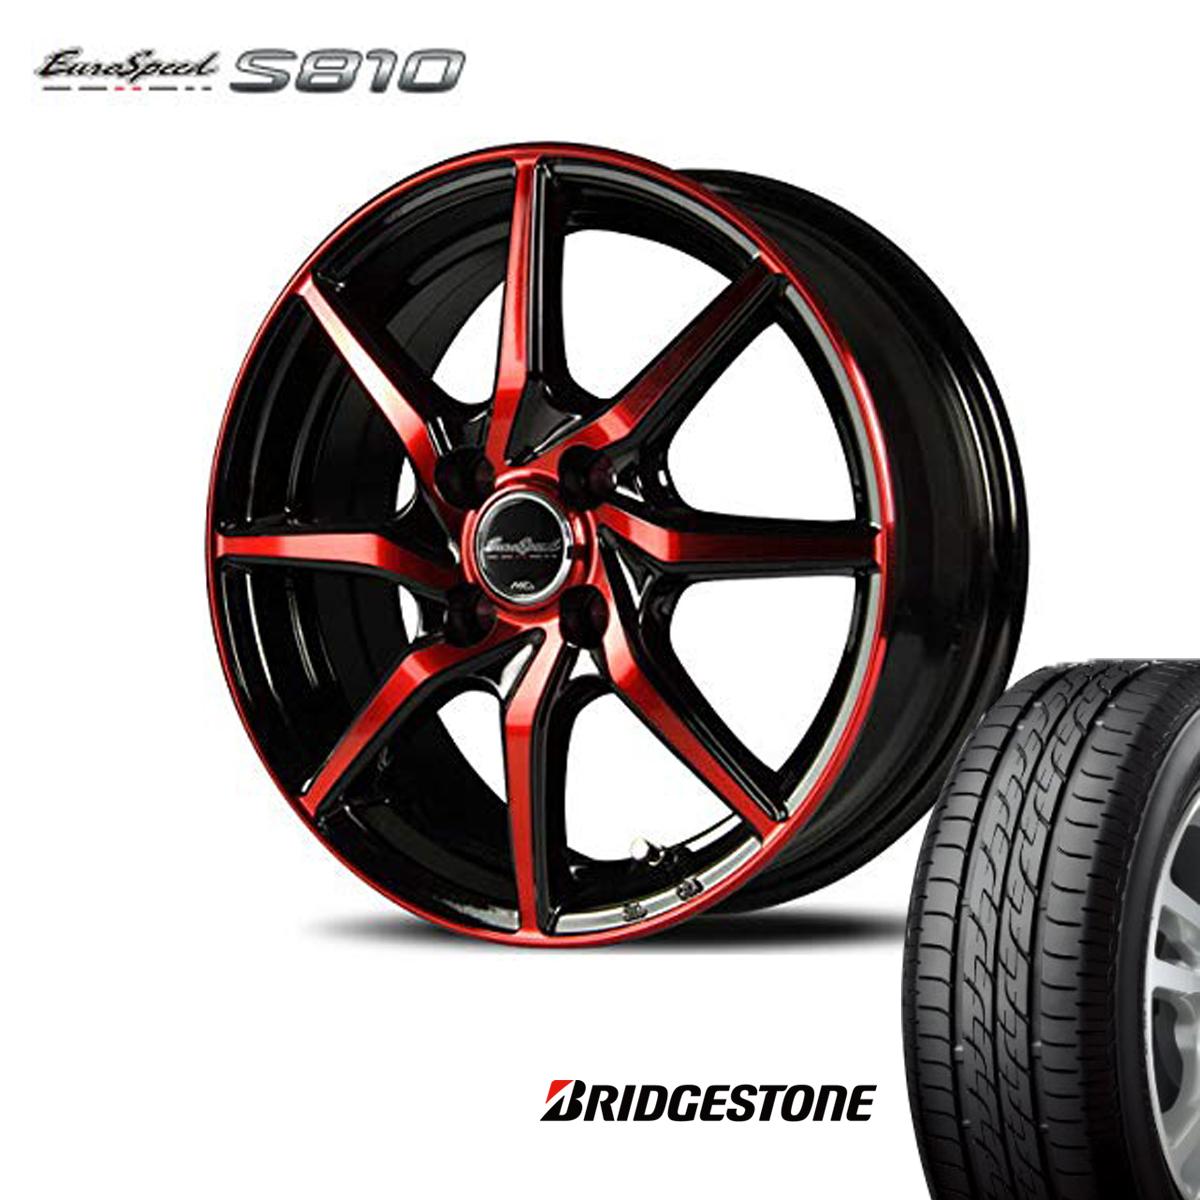 Euro Speed タイヤ ホイール セット 1本 15インチ 4H100 5.5J+45 ユーロスピード S810 マナレイ スポーツ ブリヂストン 185/55R15 185 55 15